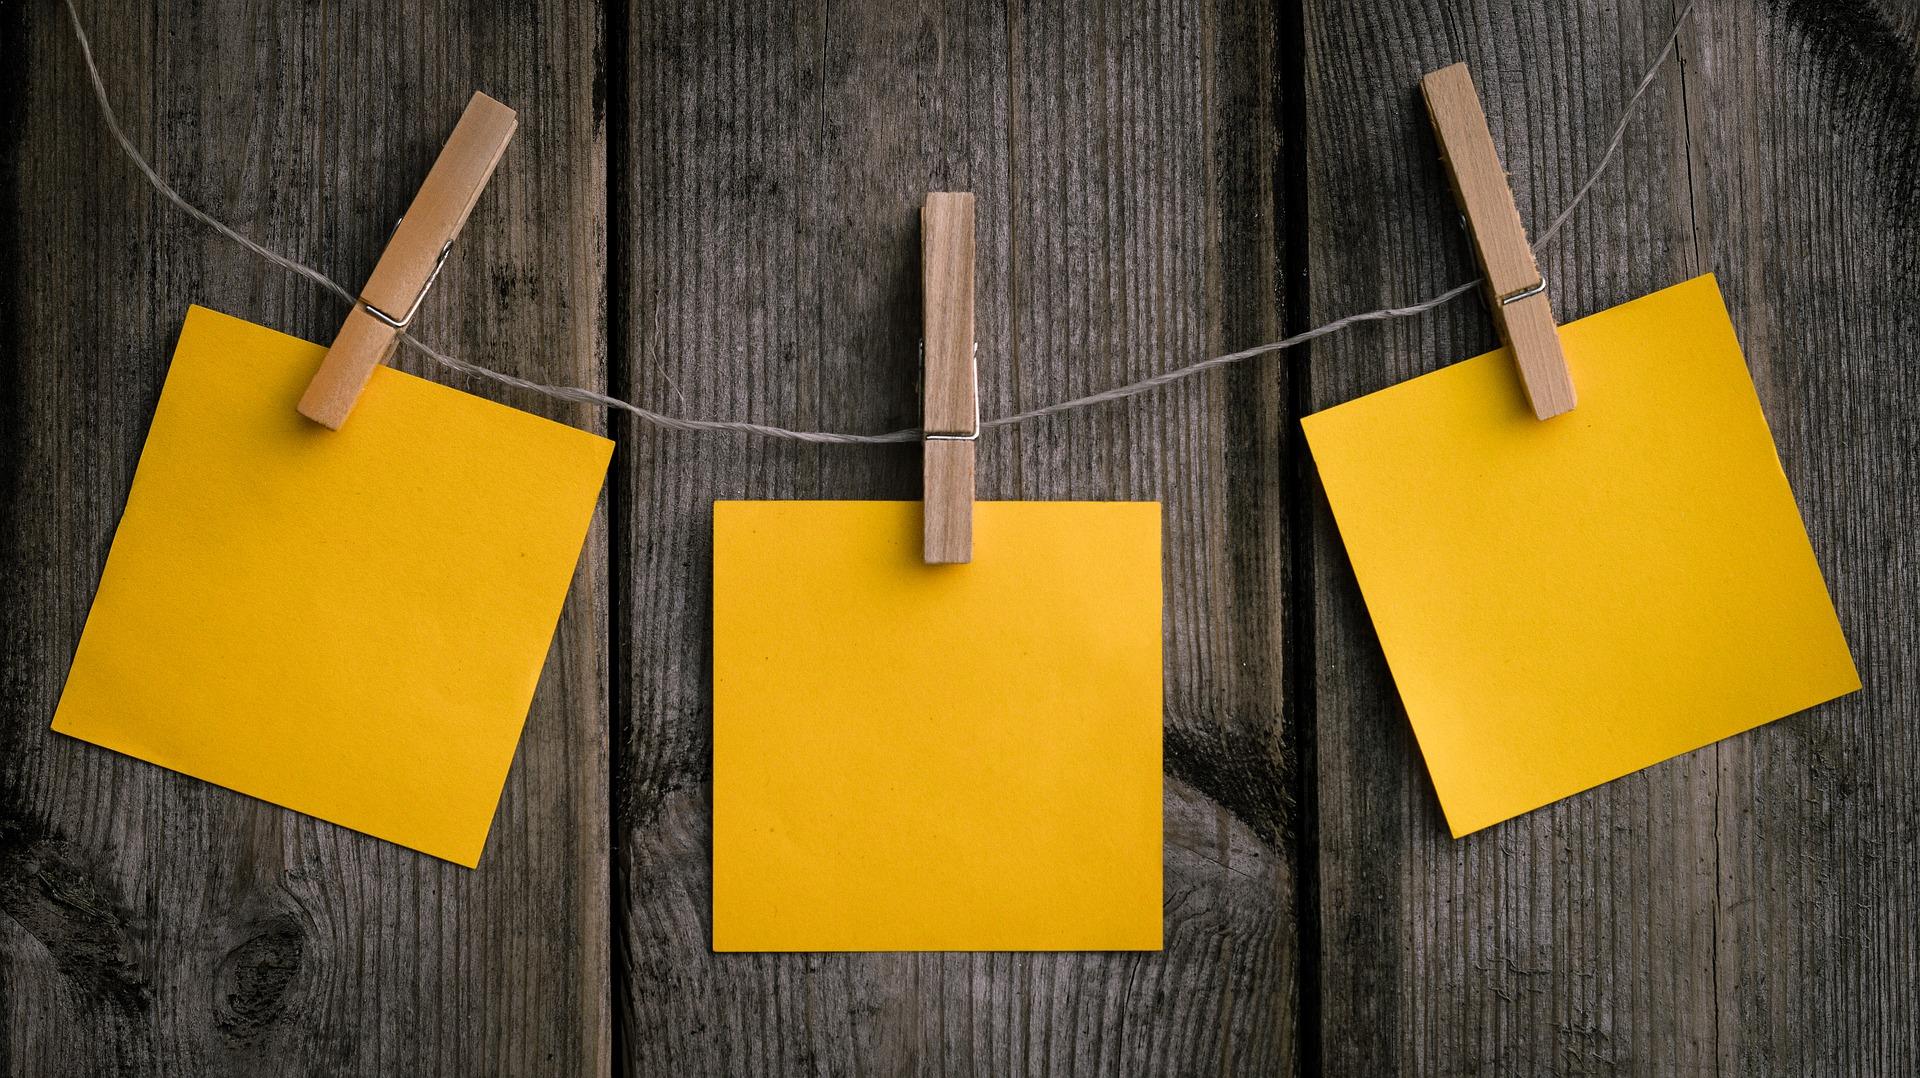 3枚のメモ紙が木製の洗濯ばさみで壁にかかったヒモに挟まれている。